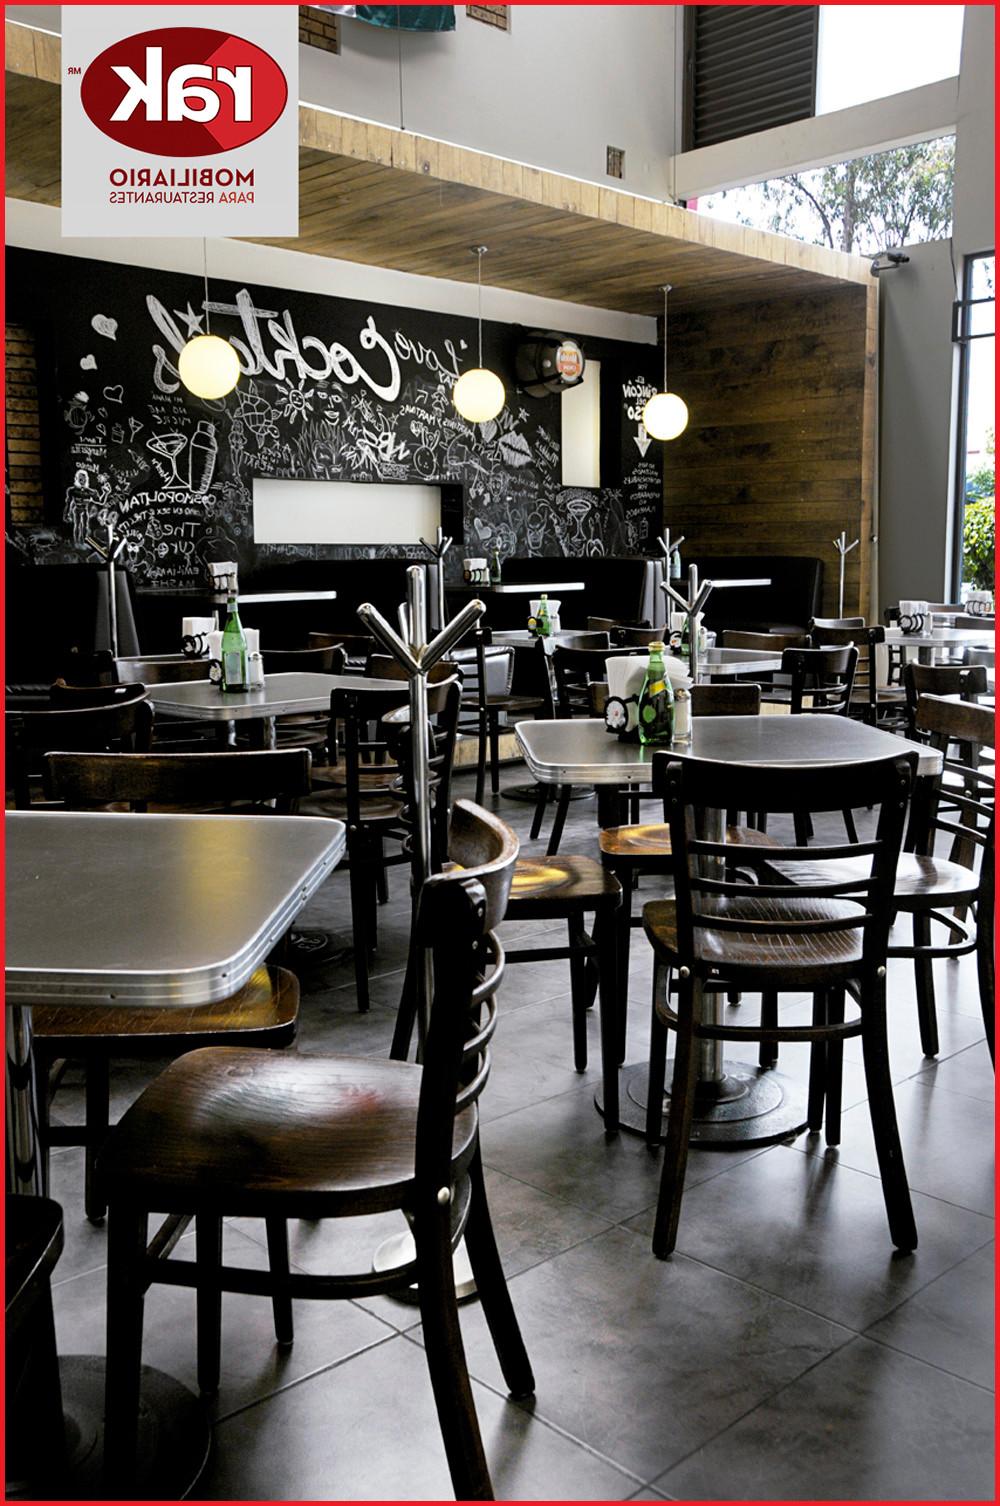 Mobiliario Cafeteria 3id6 Muebles Para Cafeteria Rak Mobiliario Para Restaurantes Y